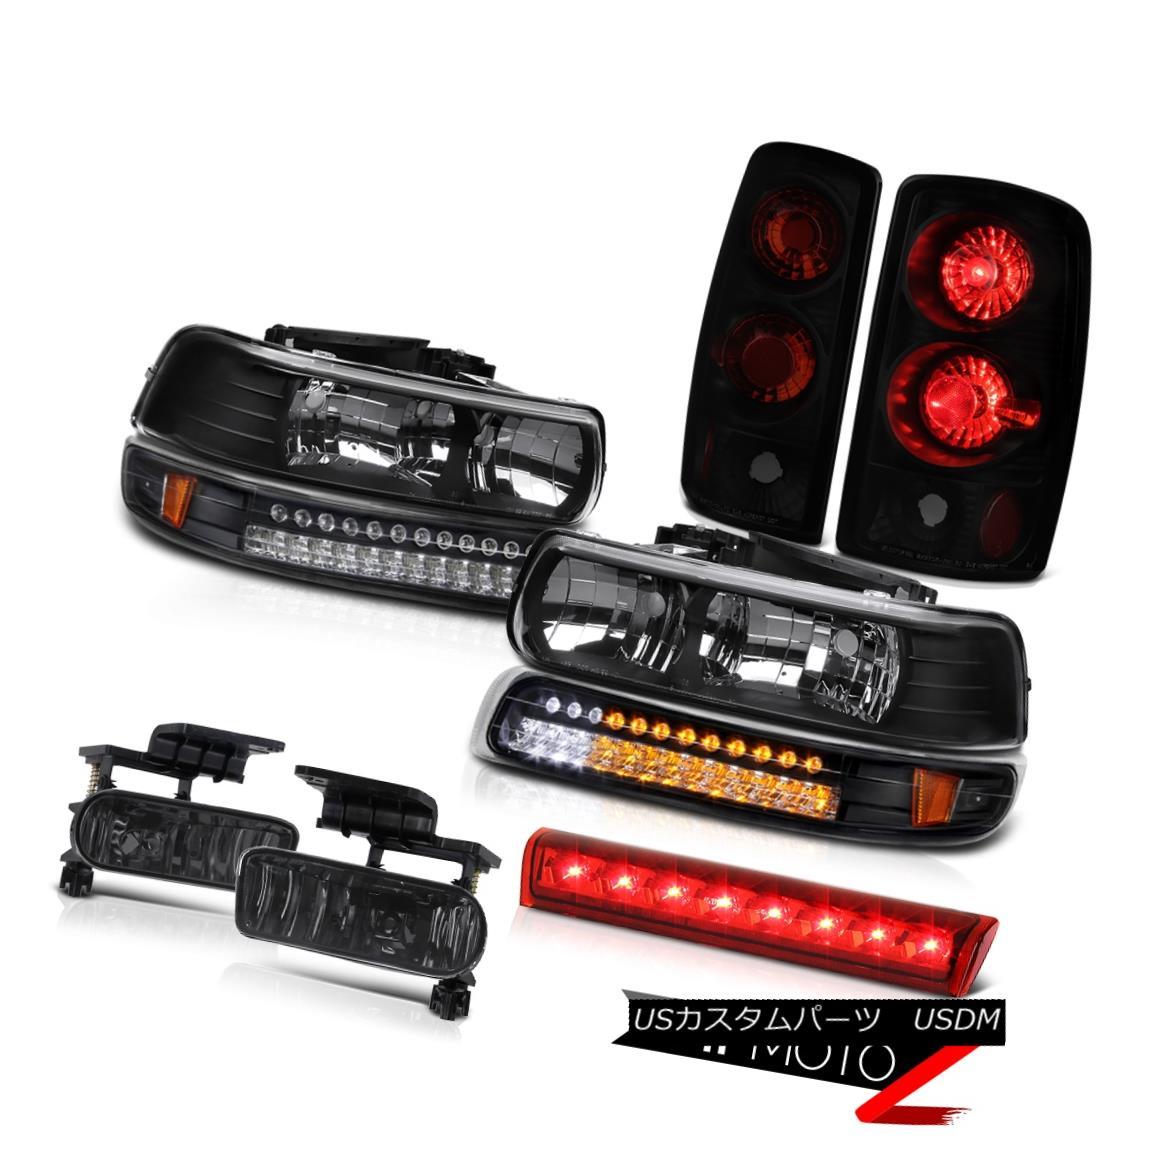 テールライト 00-06 Chevy Suburban 4X4 Headlights signal light tail lights foglights roof cab 00-06シボレー郊外4X4ヘッドライト信号ライトテールライトフォグライトルーフキャブ